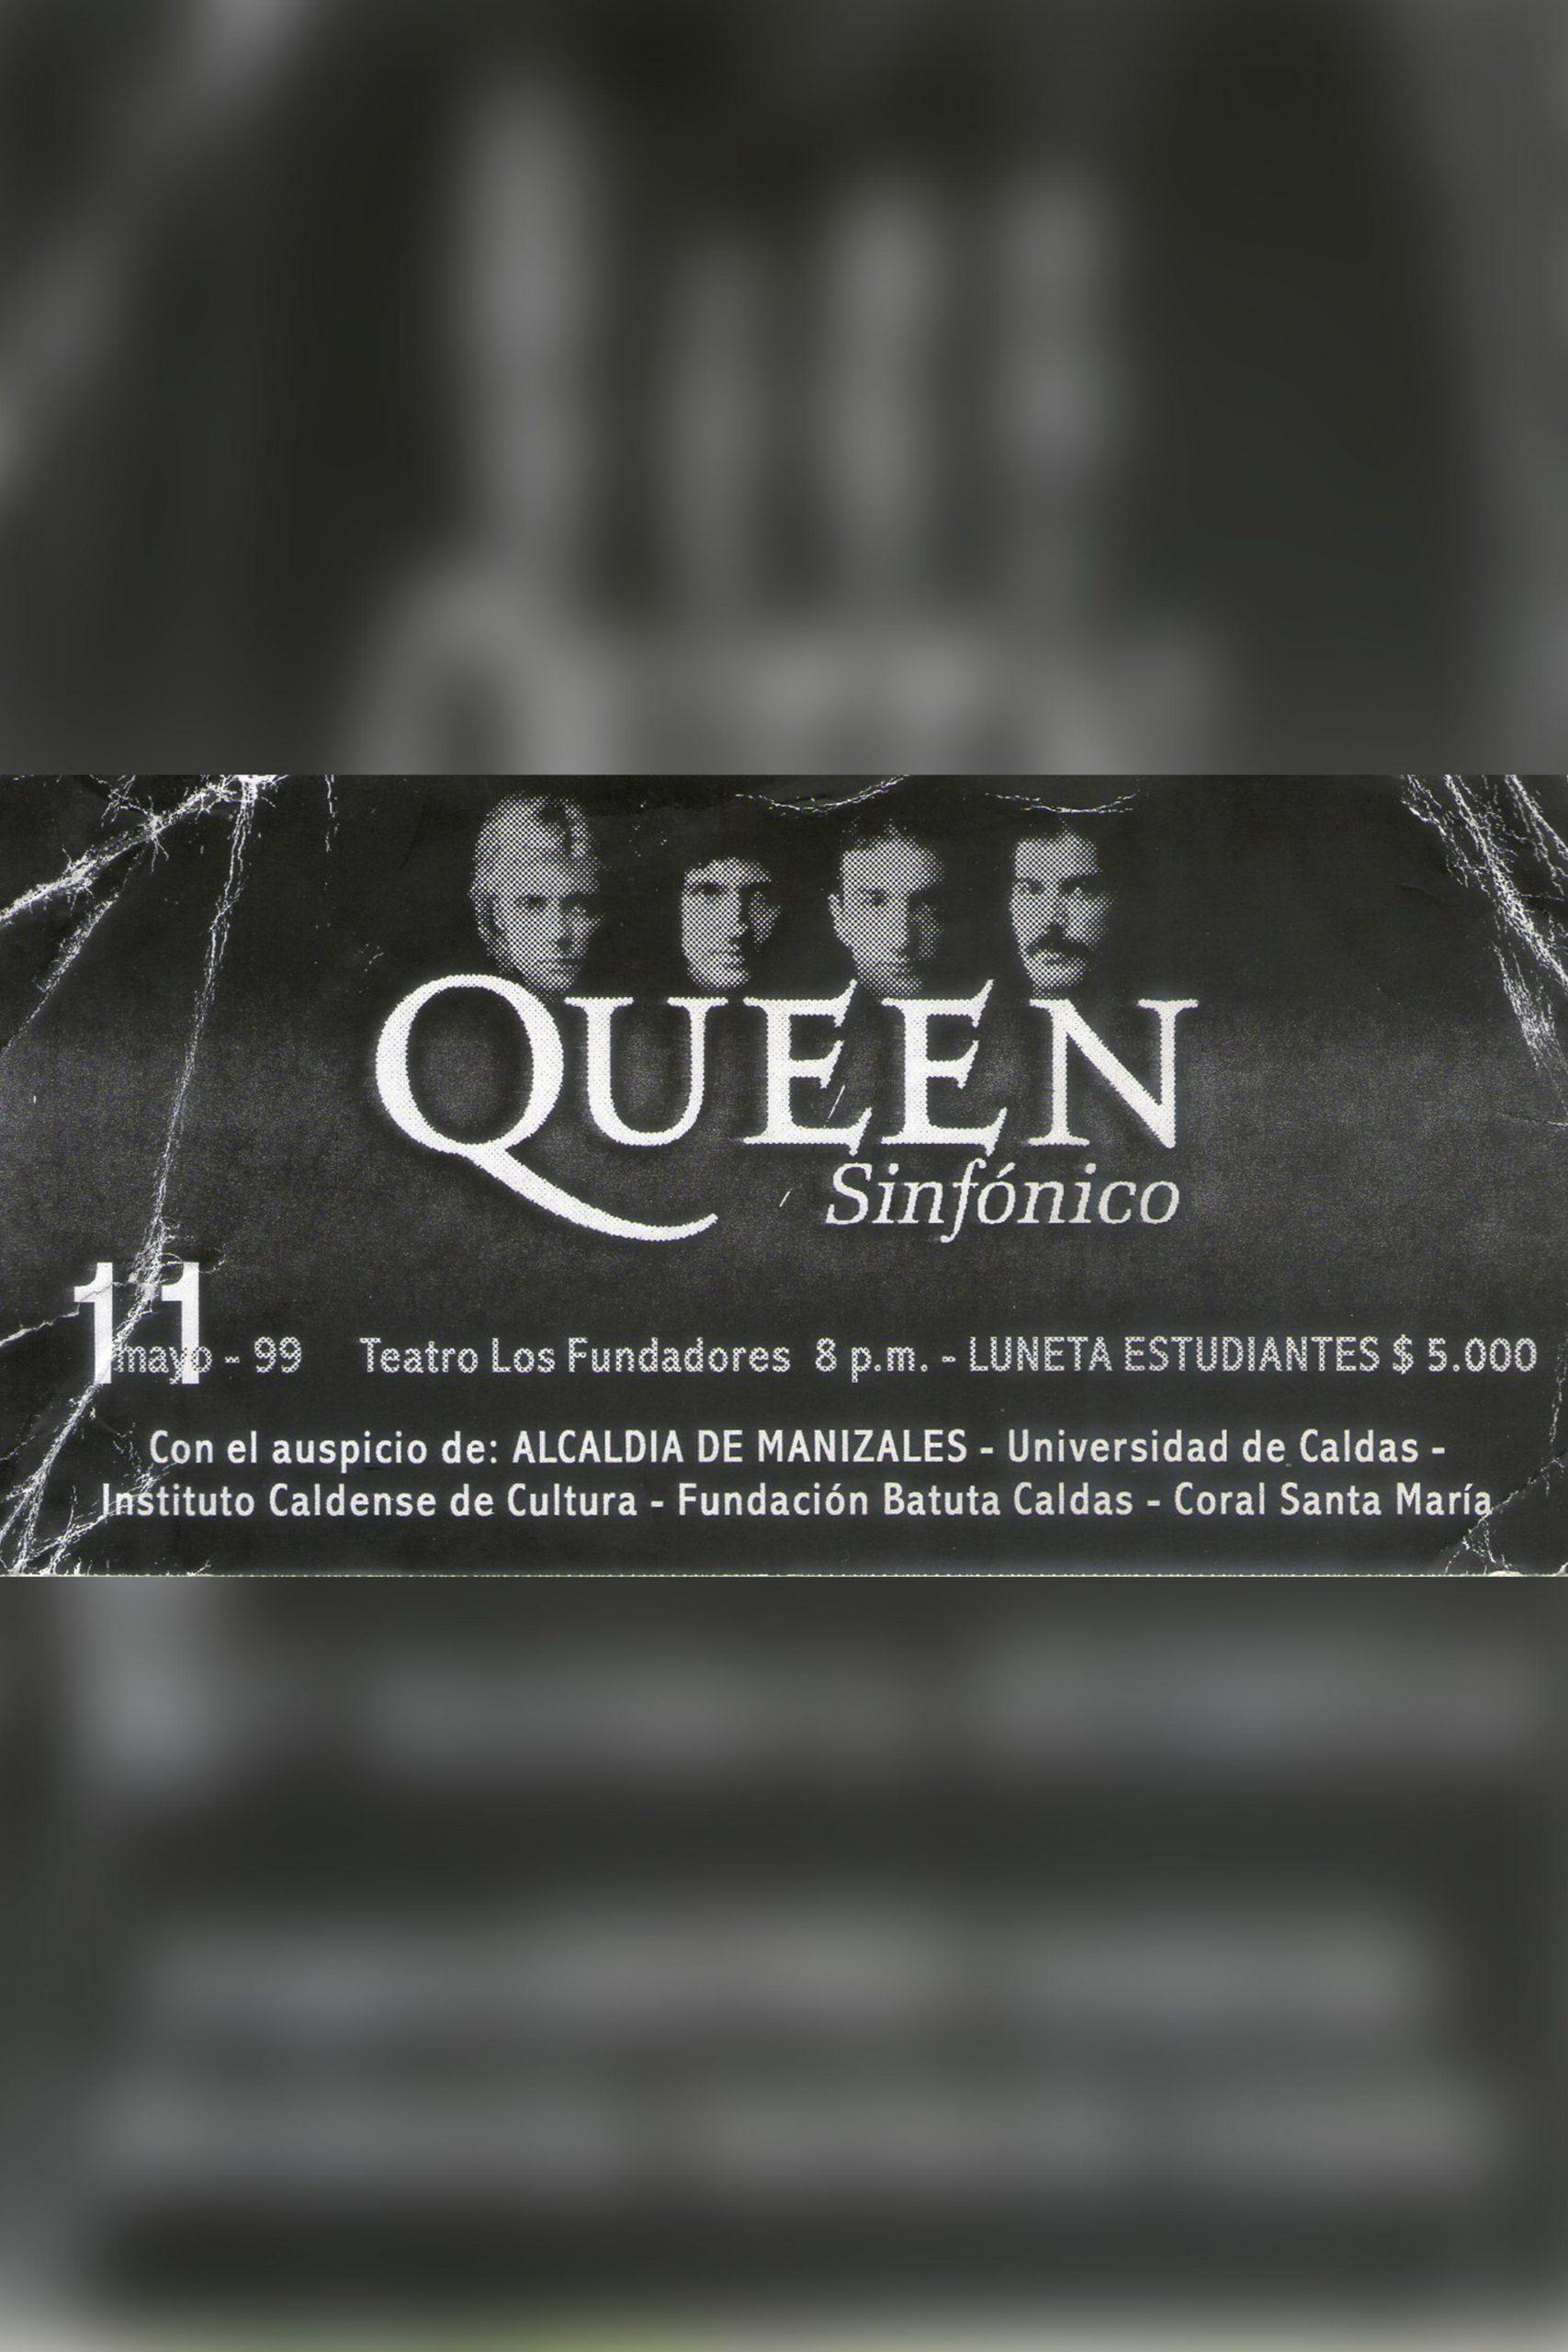 Queen Sinfonico